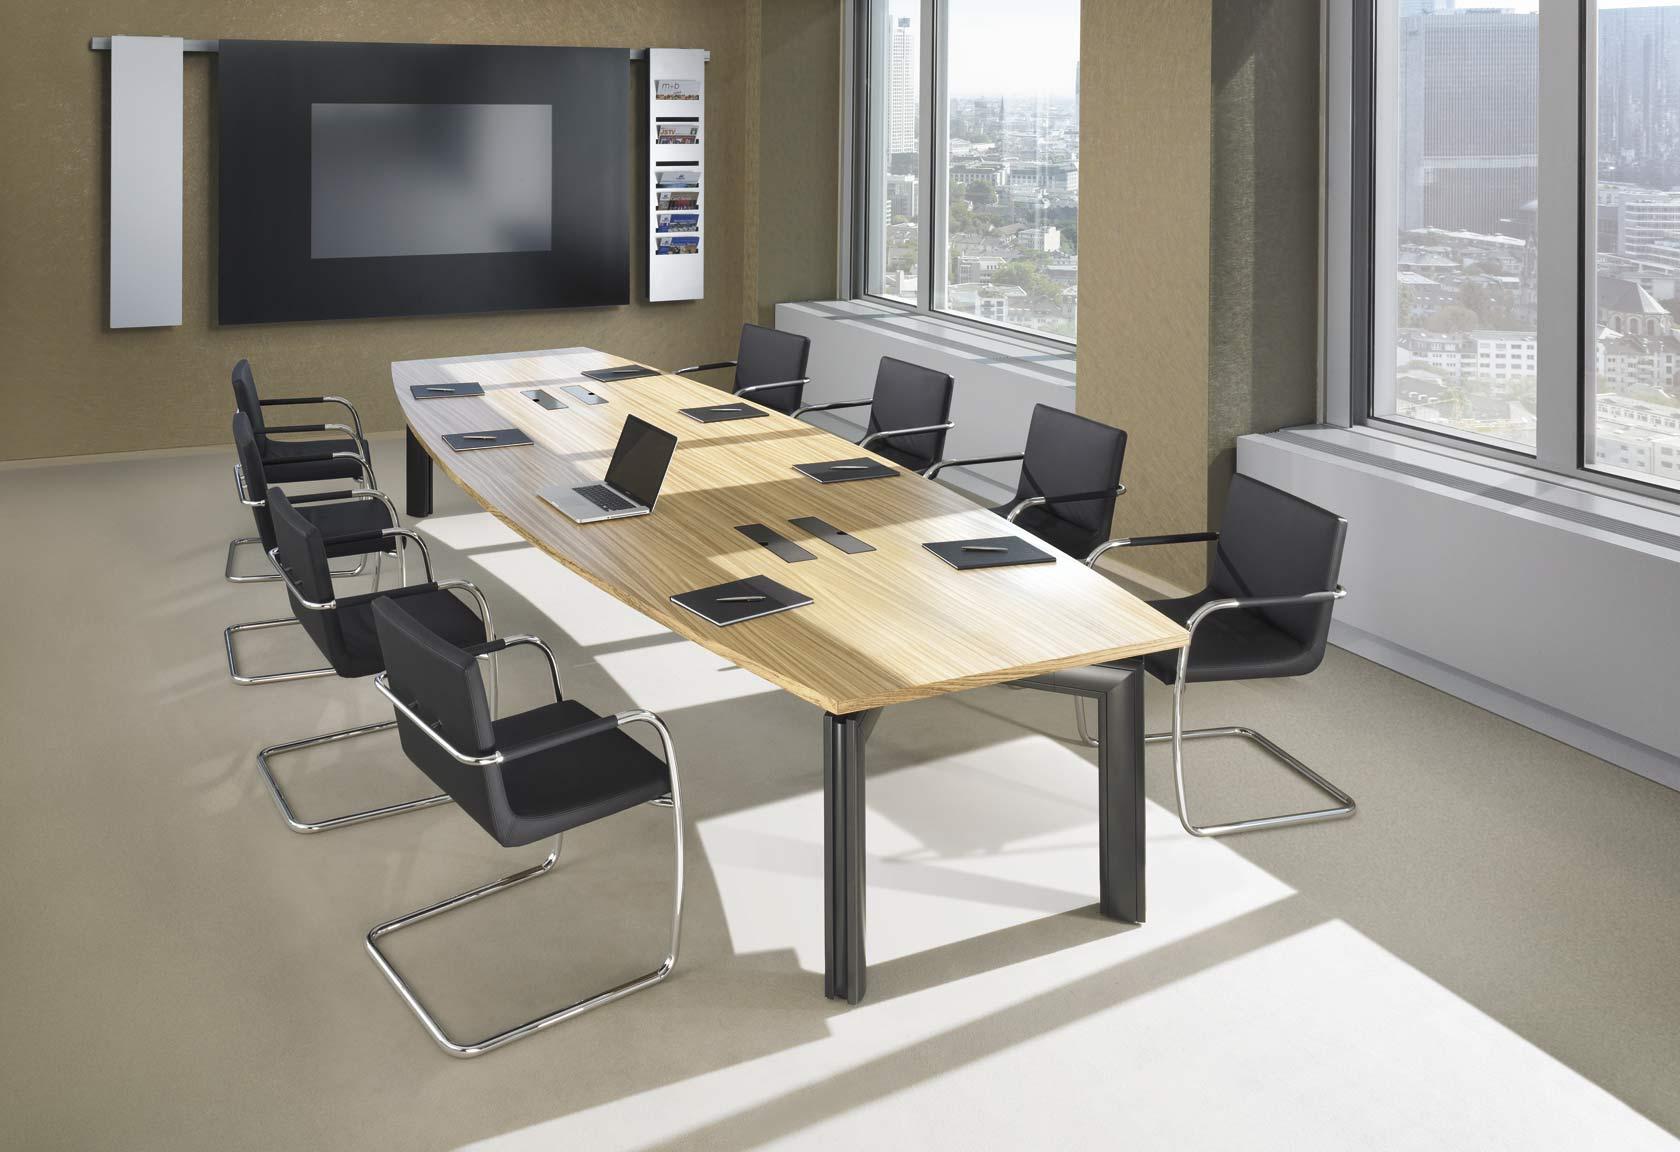 Moderner Konferenztisch mit integriertem Kabelmanagement